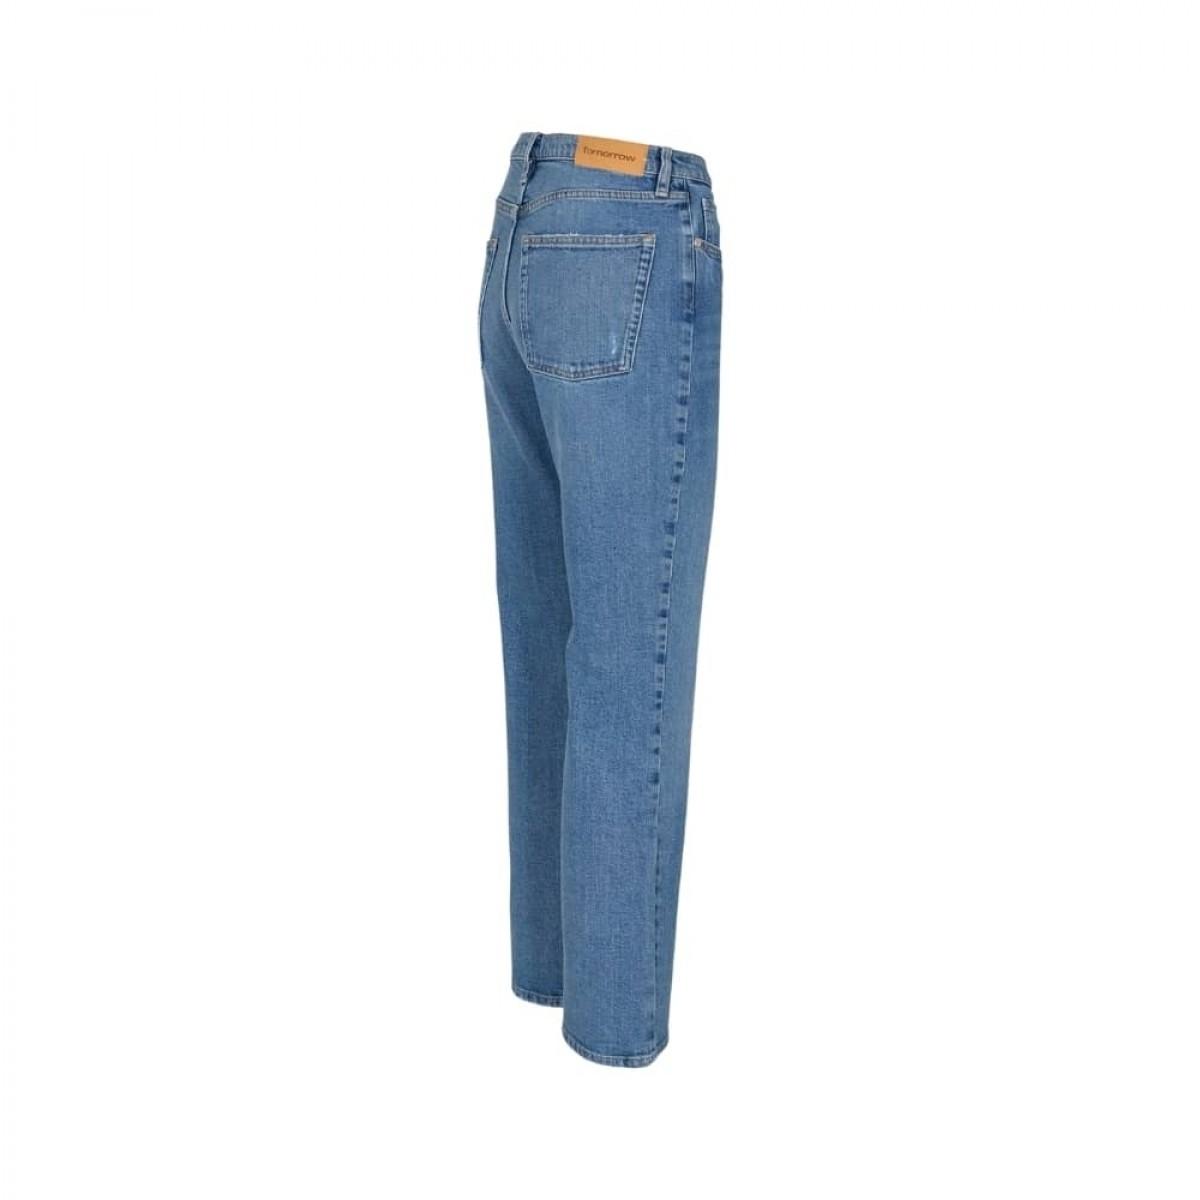 marston jeans - wash kairo - fra siden